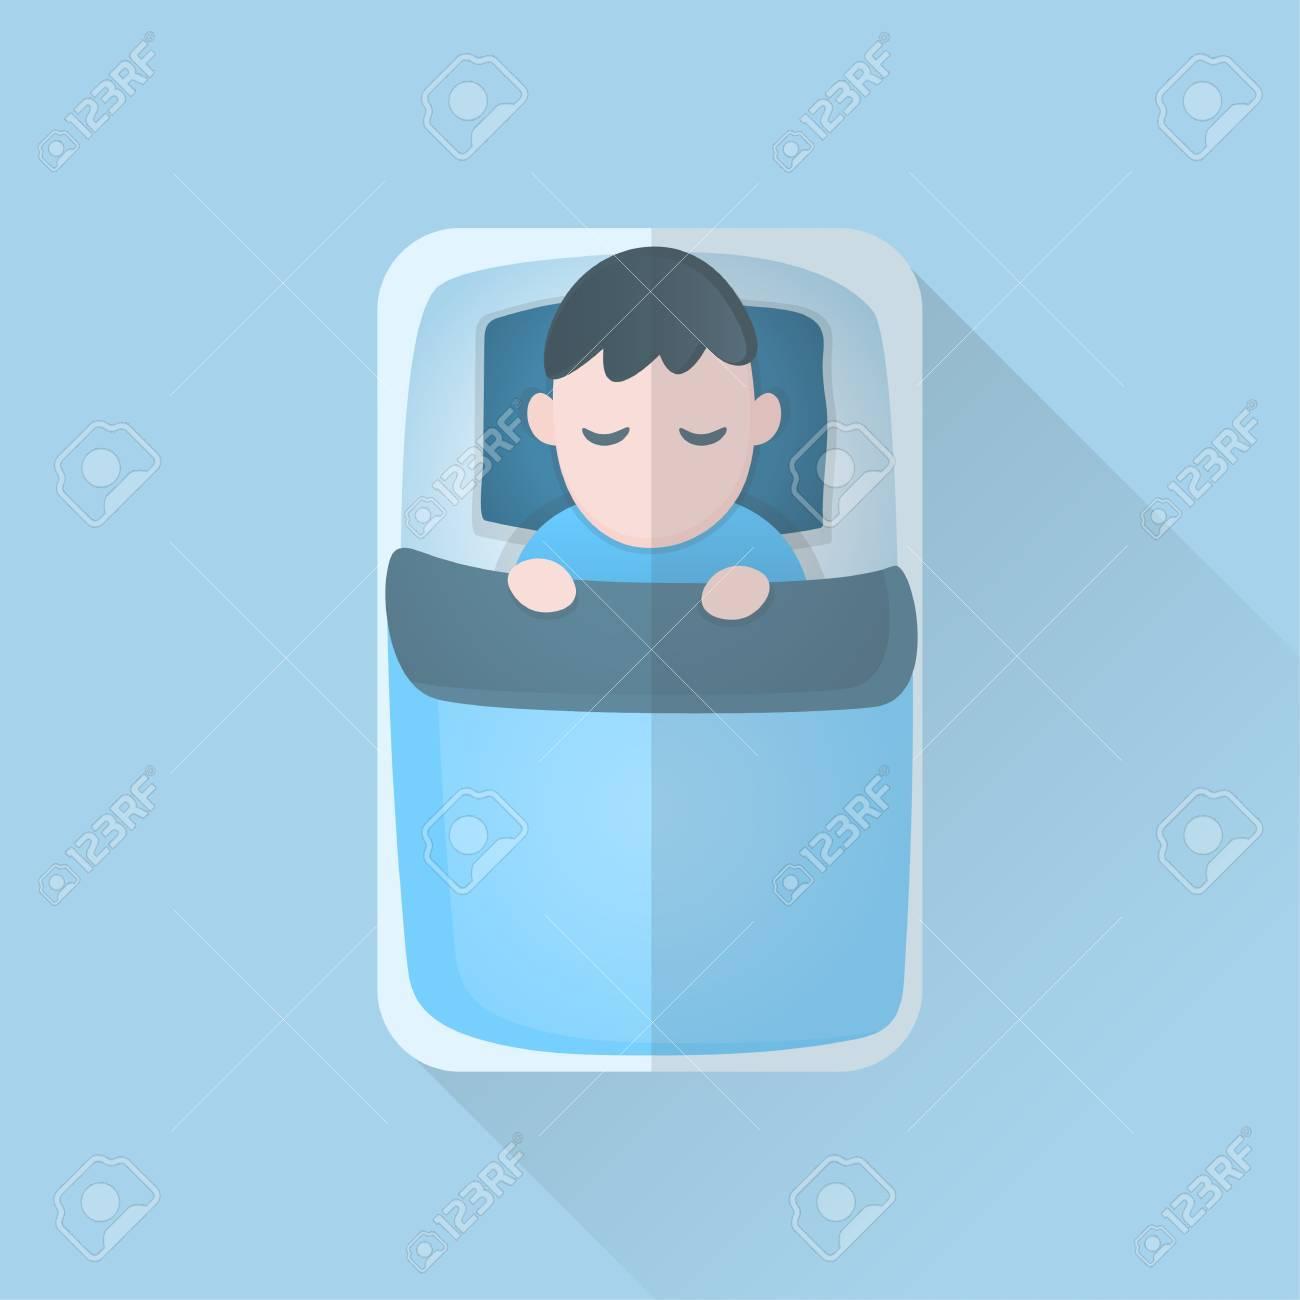 Jeune Homme En Couverture Dormir Sur Le Lit Dessin Anime Icone Design Illustration Vectorielle Clip Art Libres De Droits Vecteurs Et Illustration Image 72389180